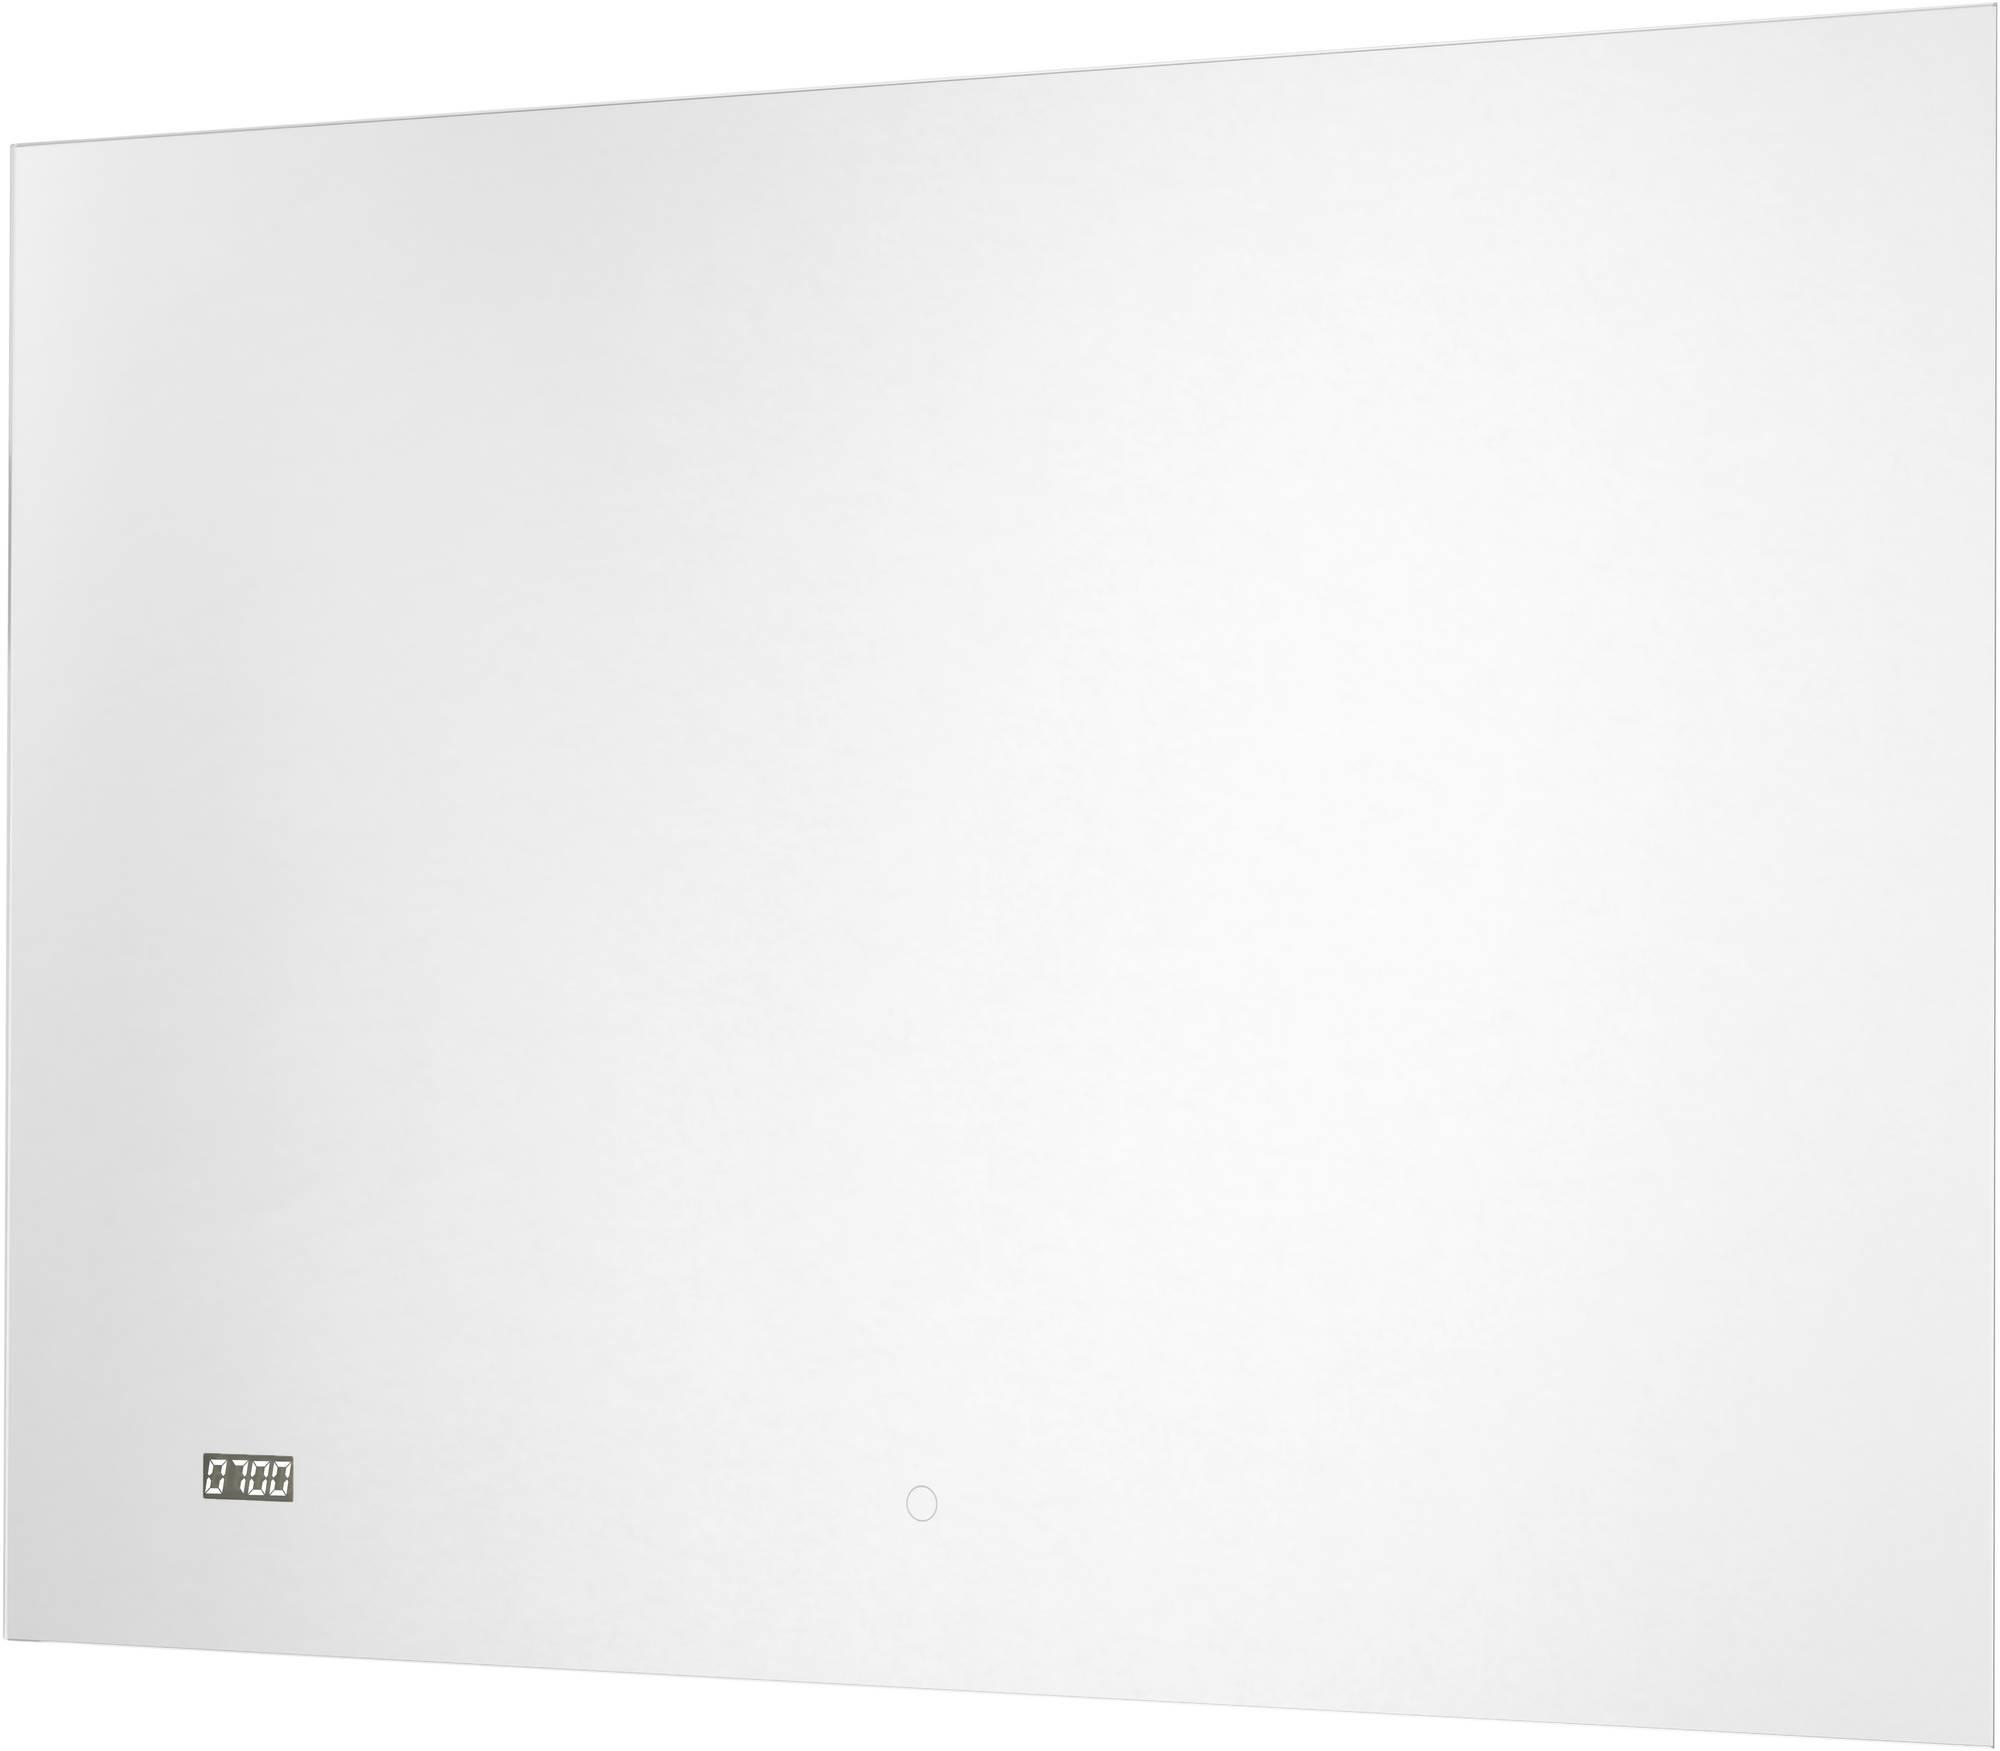 Ben Watch spiegelpaneel met LED verlichting rondom 100x70 cm